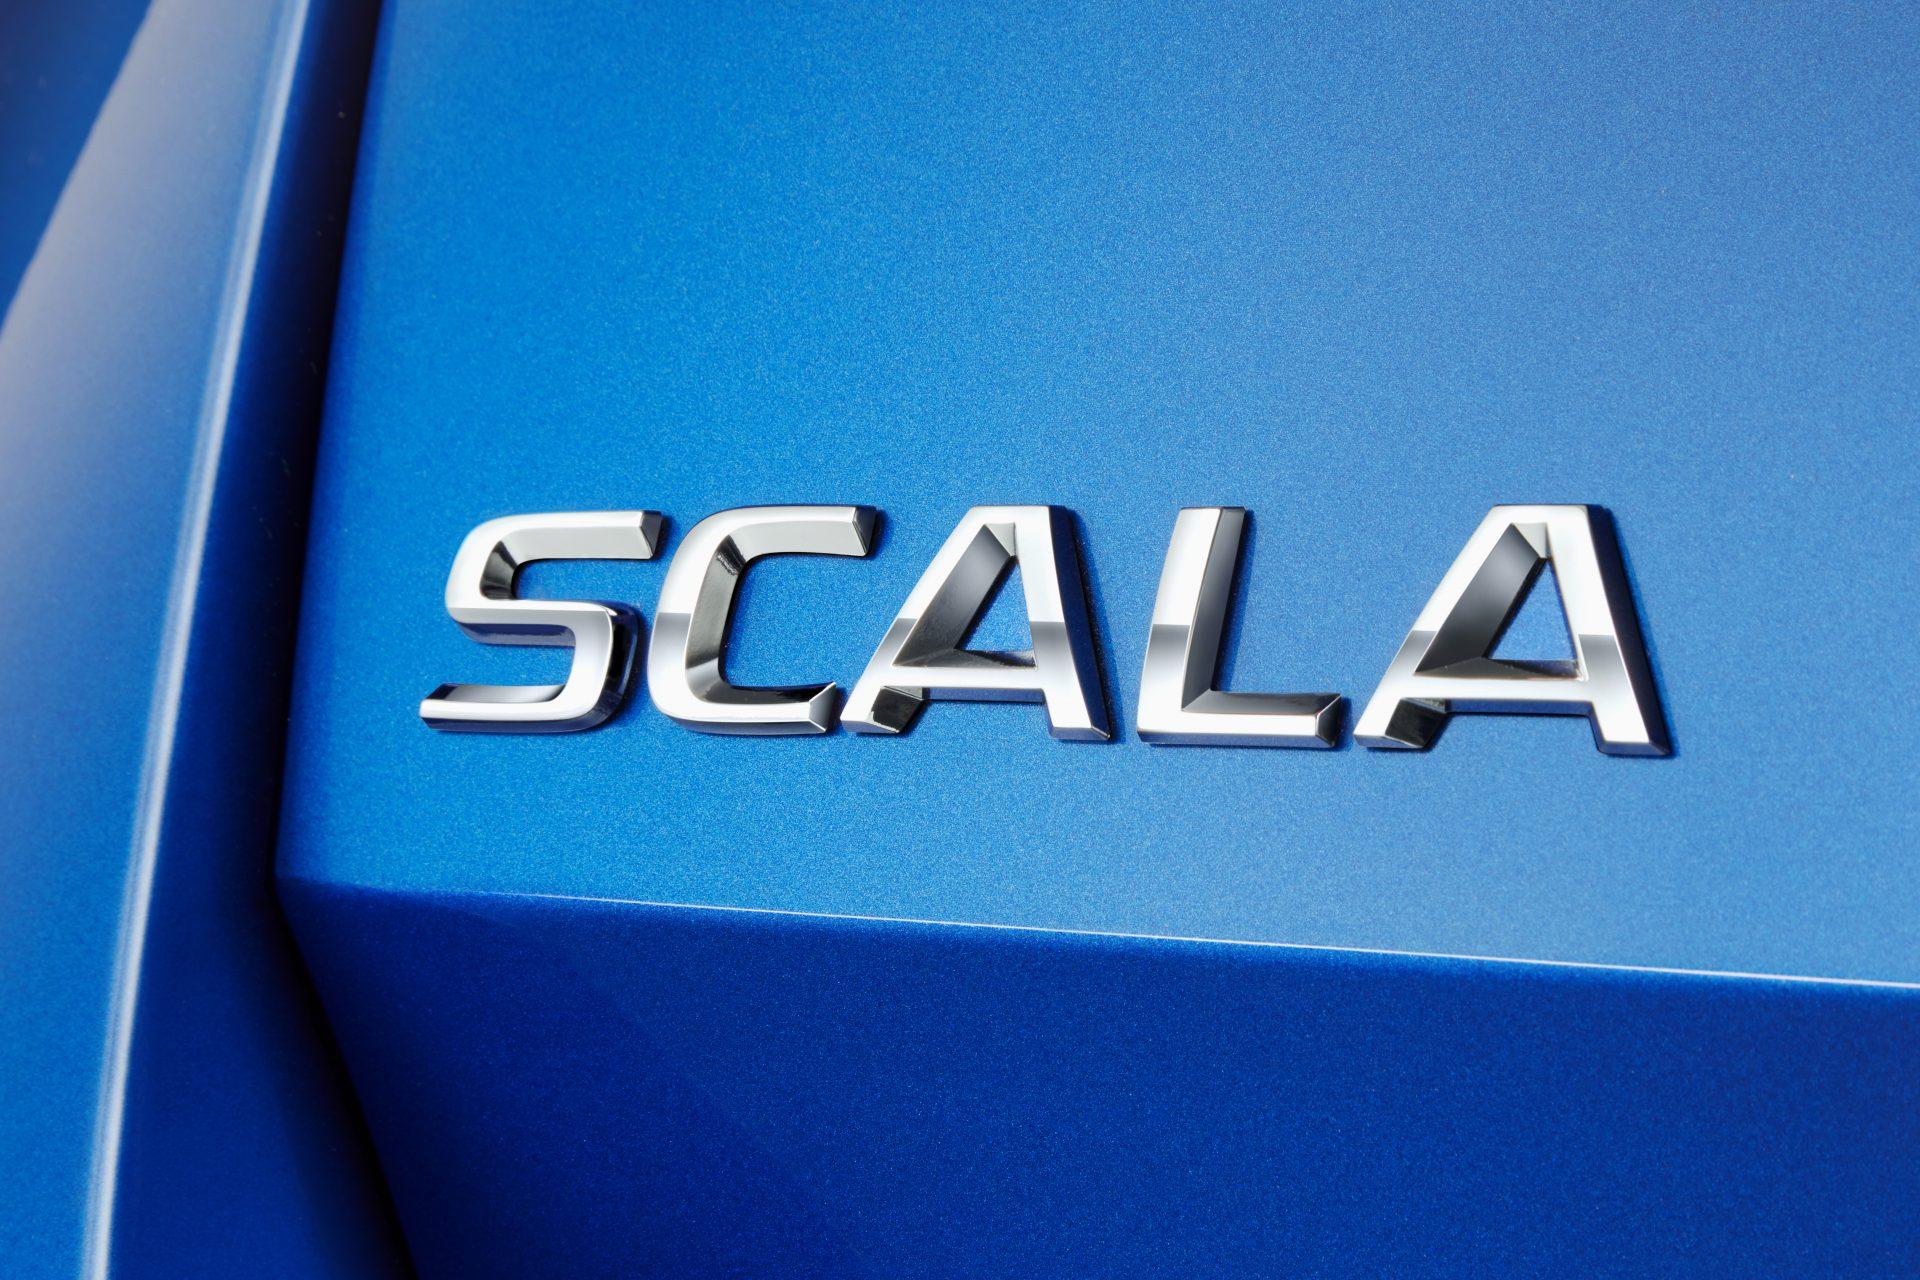 Новый хэтчбек Škoda получил имя Scala